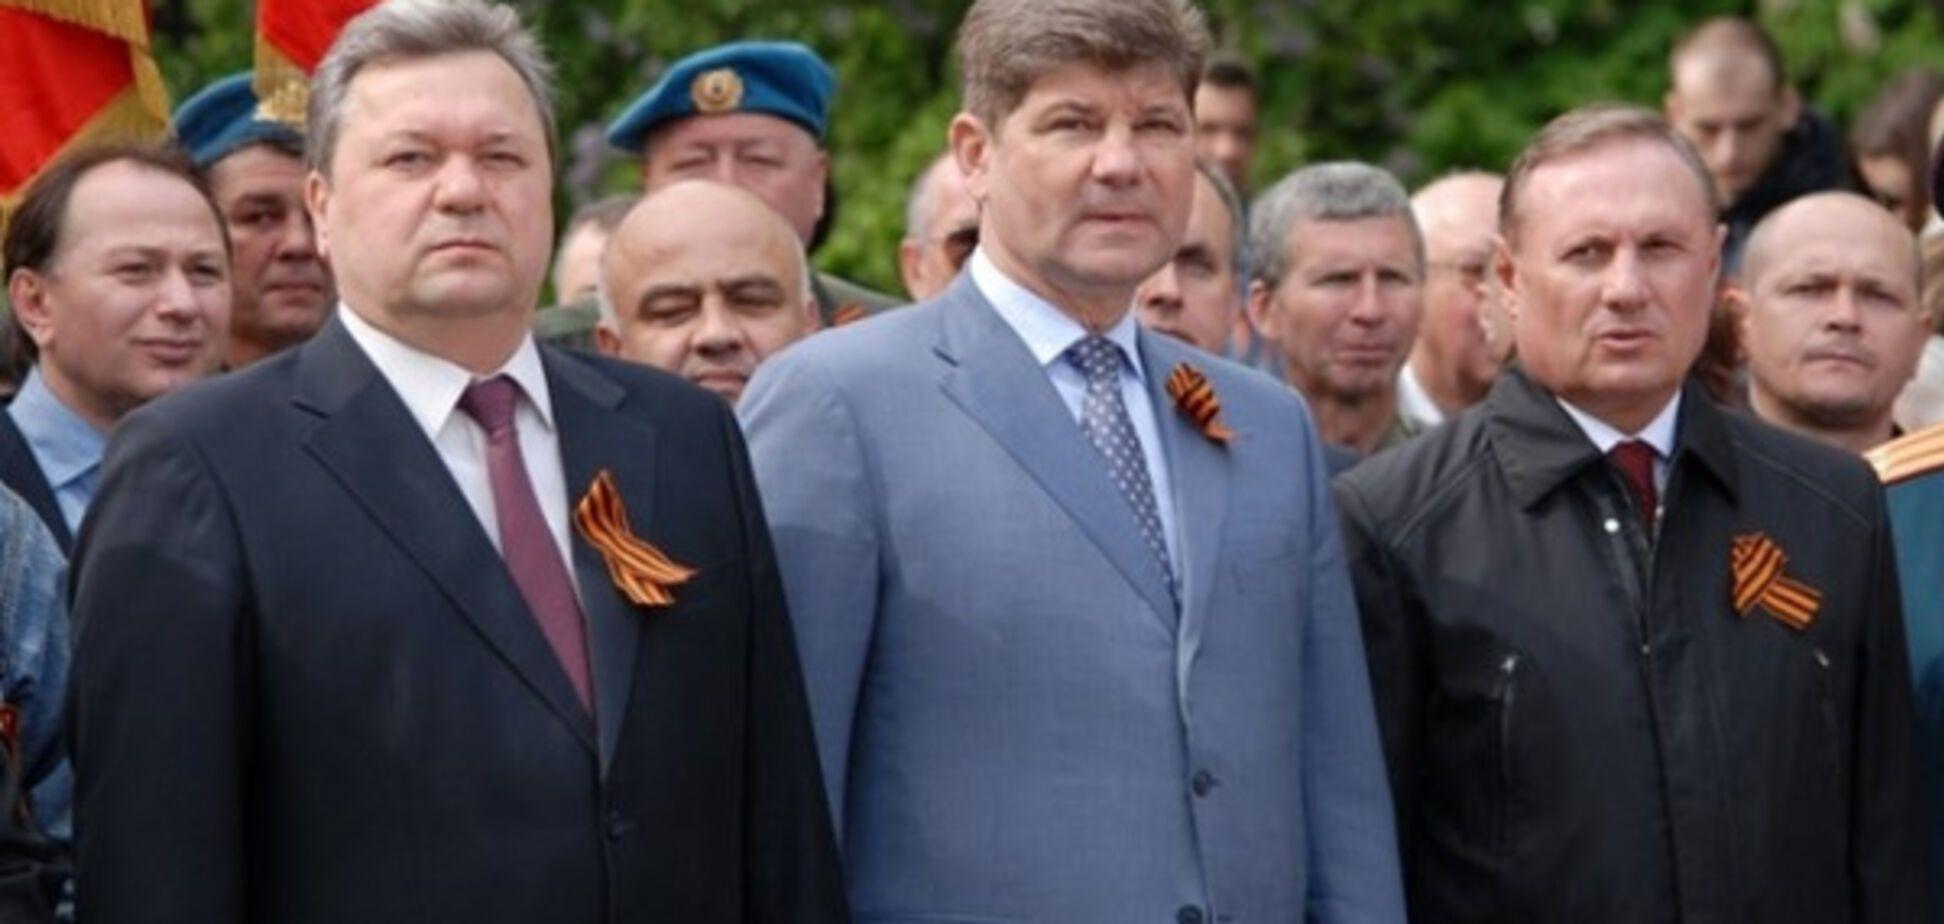 Валерий Голенко, Сергей Кравченко и Александр Ефремов